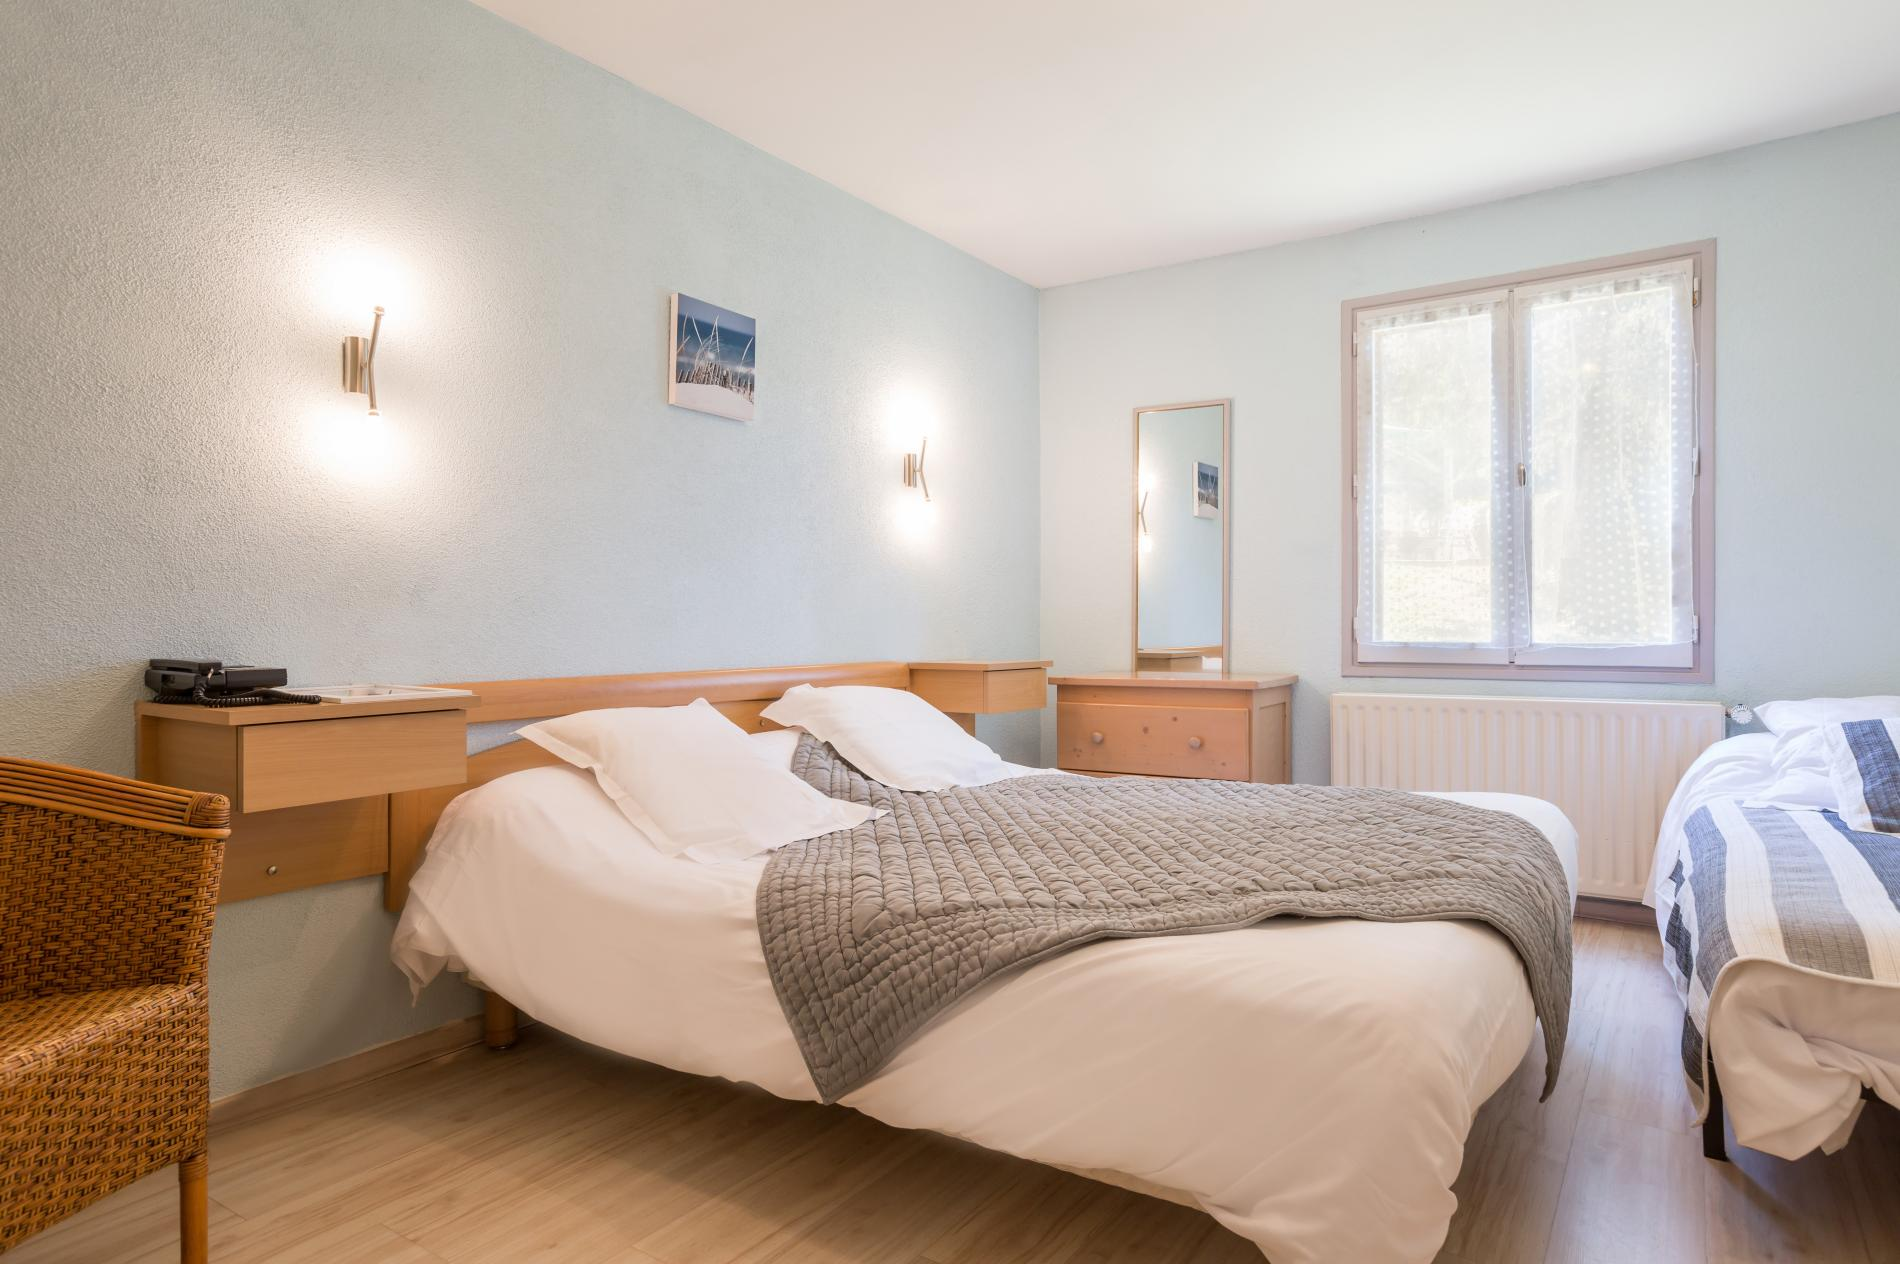 Tarifs et offres speciales hotel auvergne bord de loire chambre twin